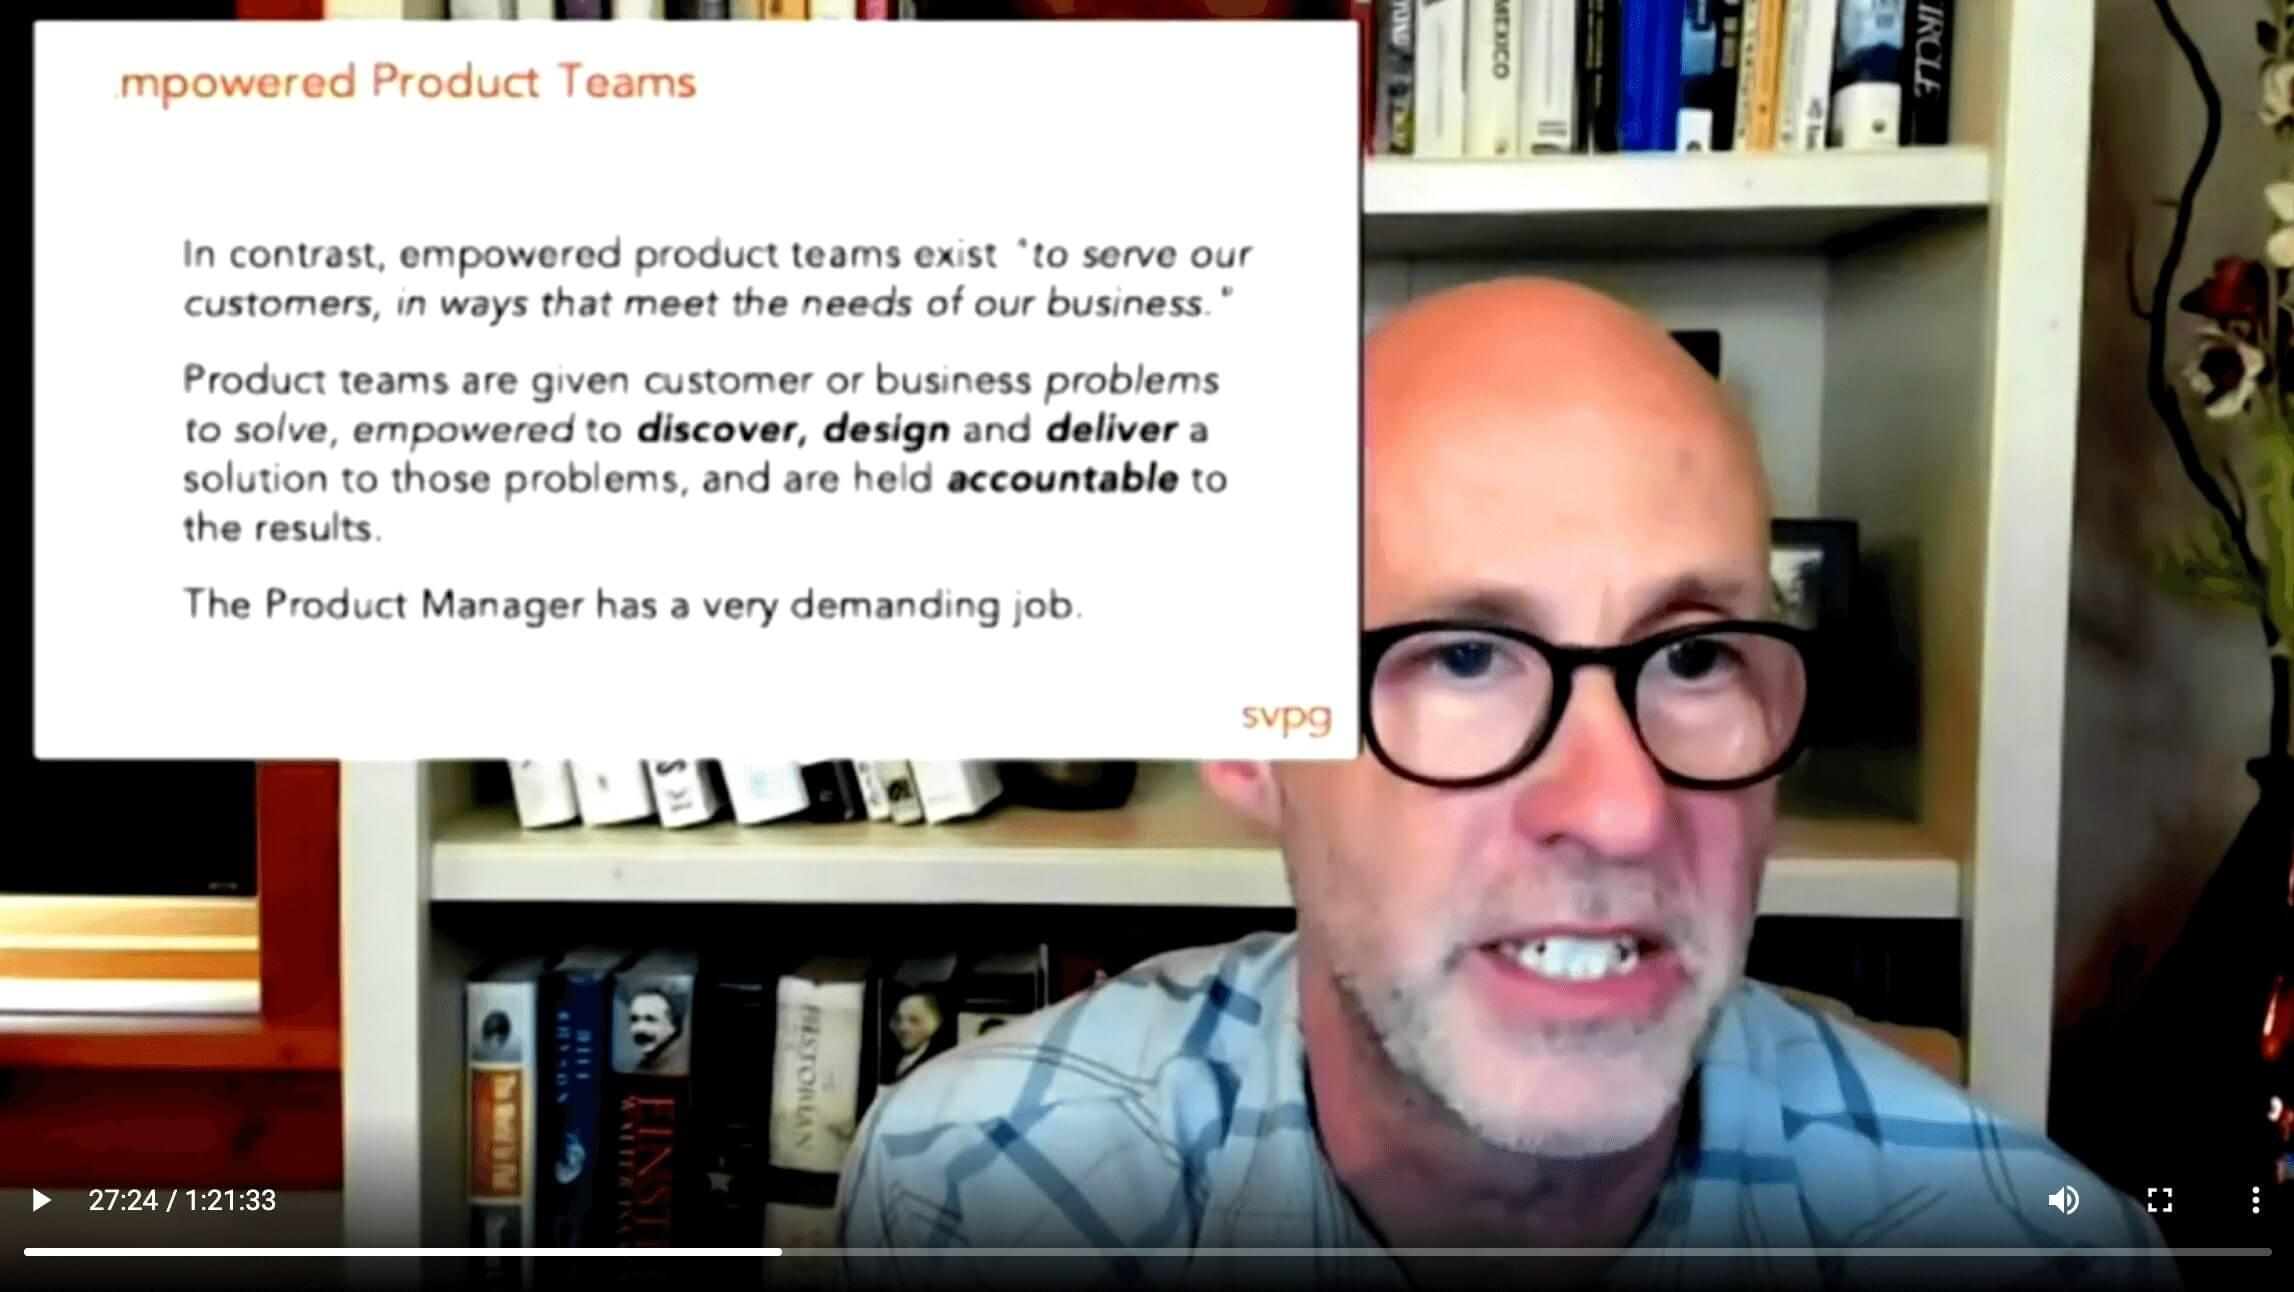 Times de produto empoderados são times que tentam resolver problemas do negócio e dos consumidores